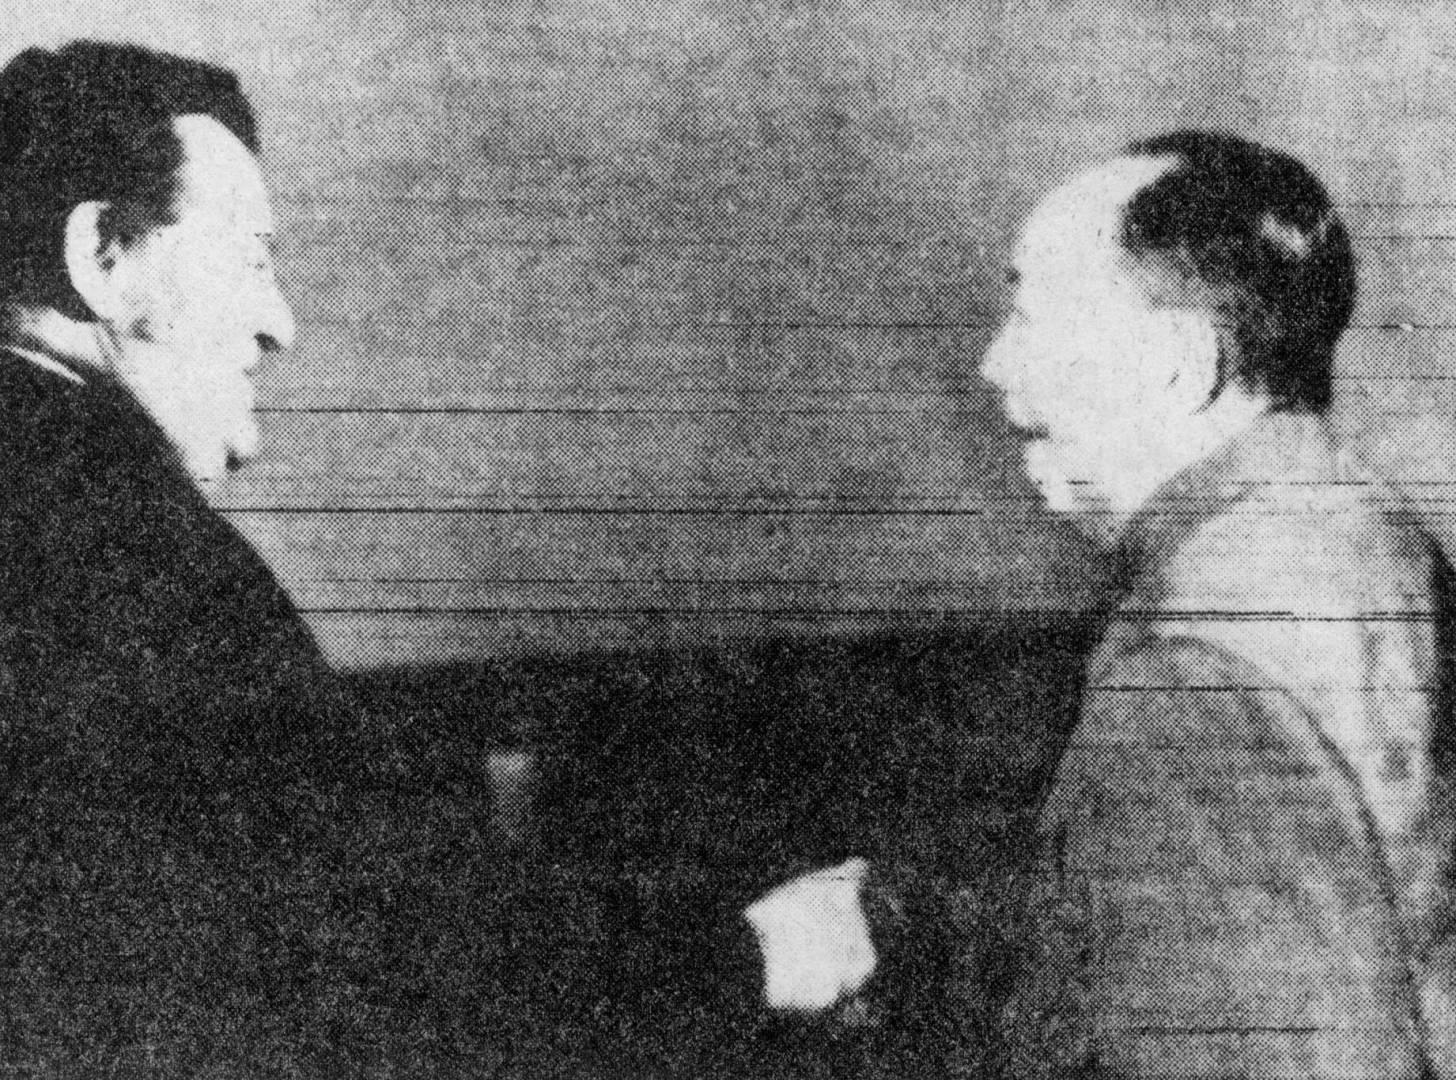 الزعيم الصيني ماو تسي تونغ مستقبلاً فرانزجوزف شتراوس.. صورة أرشيفية